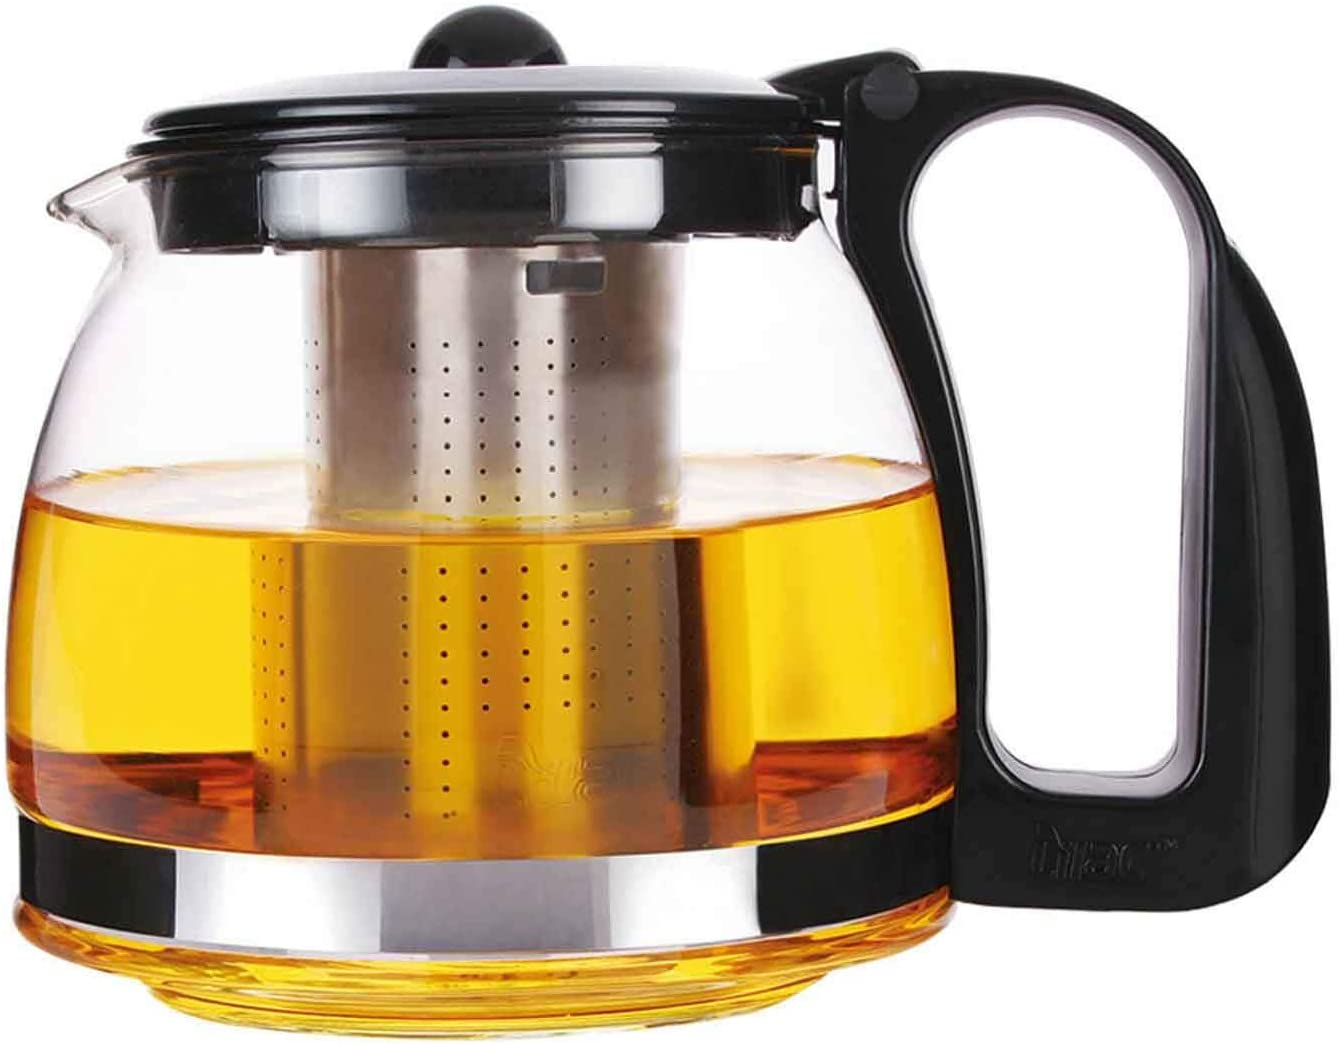 Michelino Glas Teekanne mit abnehmbare Edelstahl-Sieb Teebereiter 700 ml schwarz